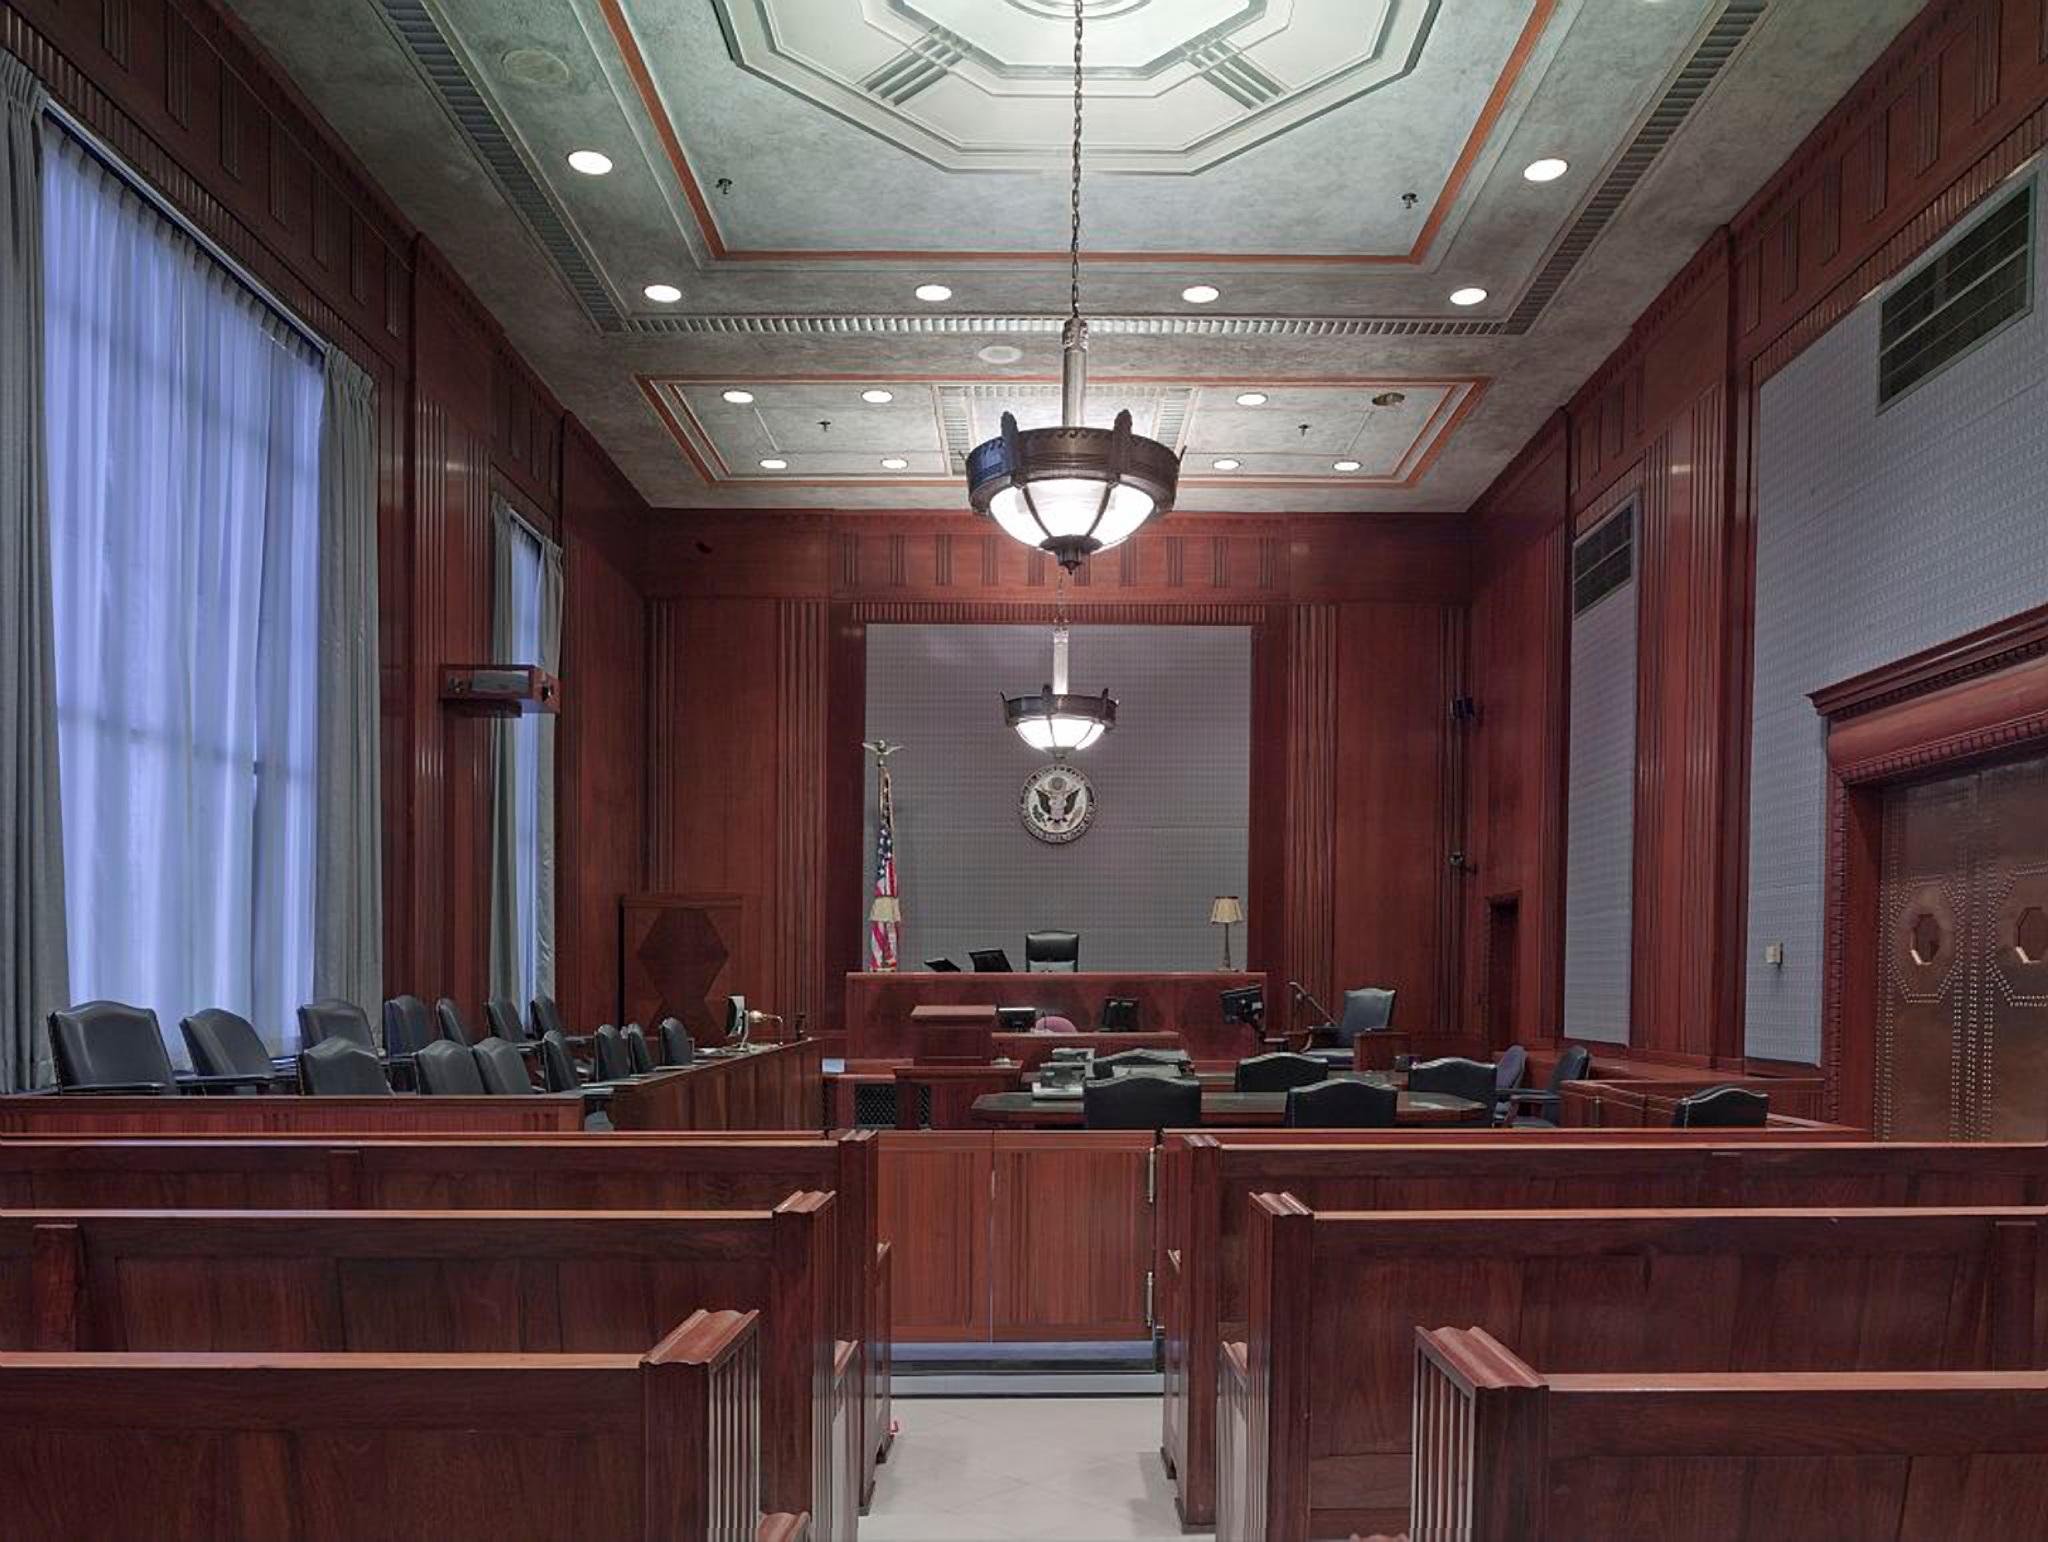 картинки мирового суда статуй передает определенный